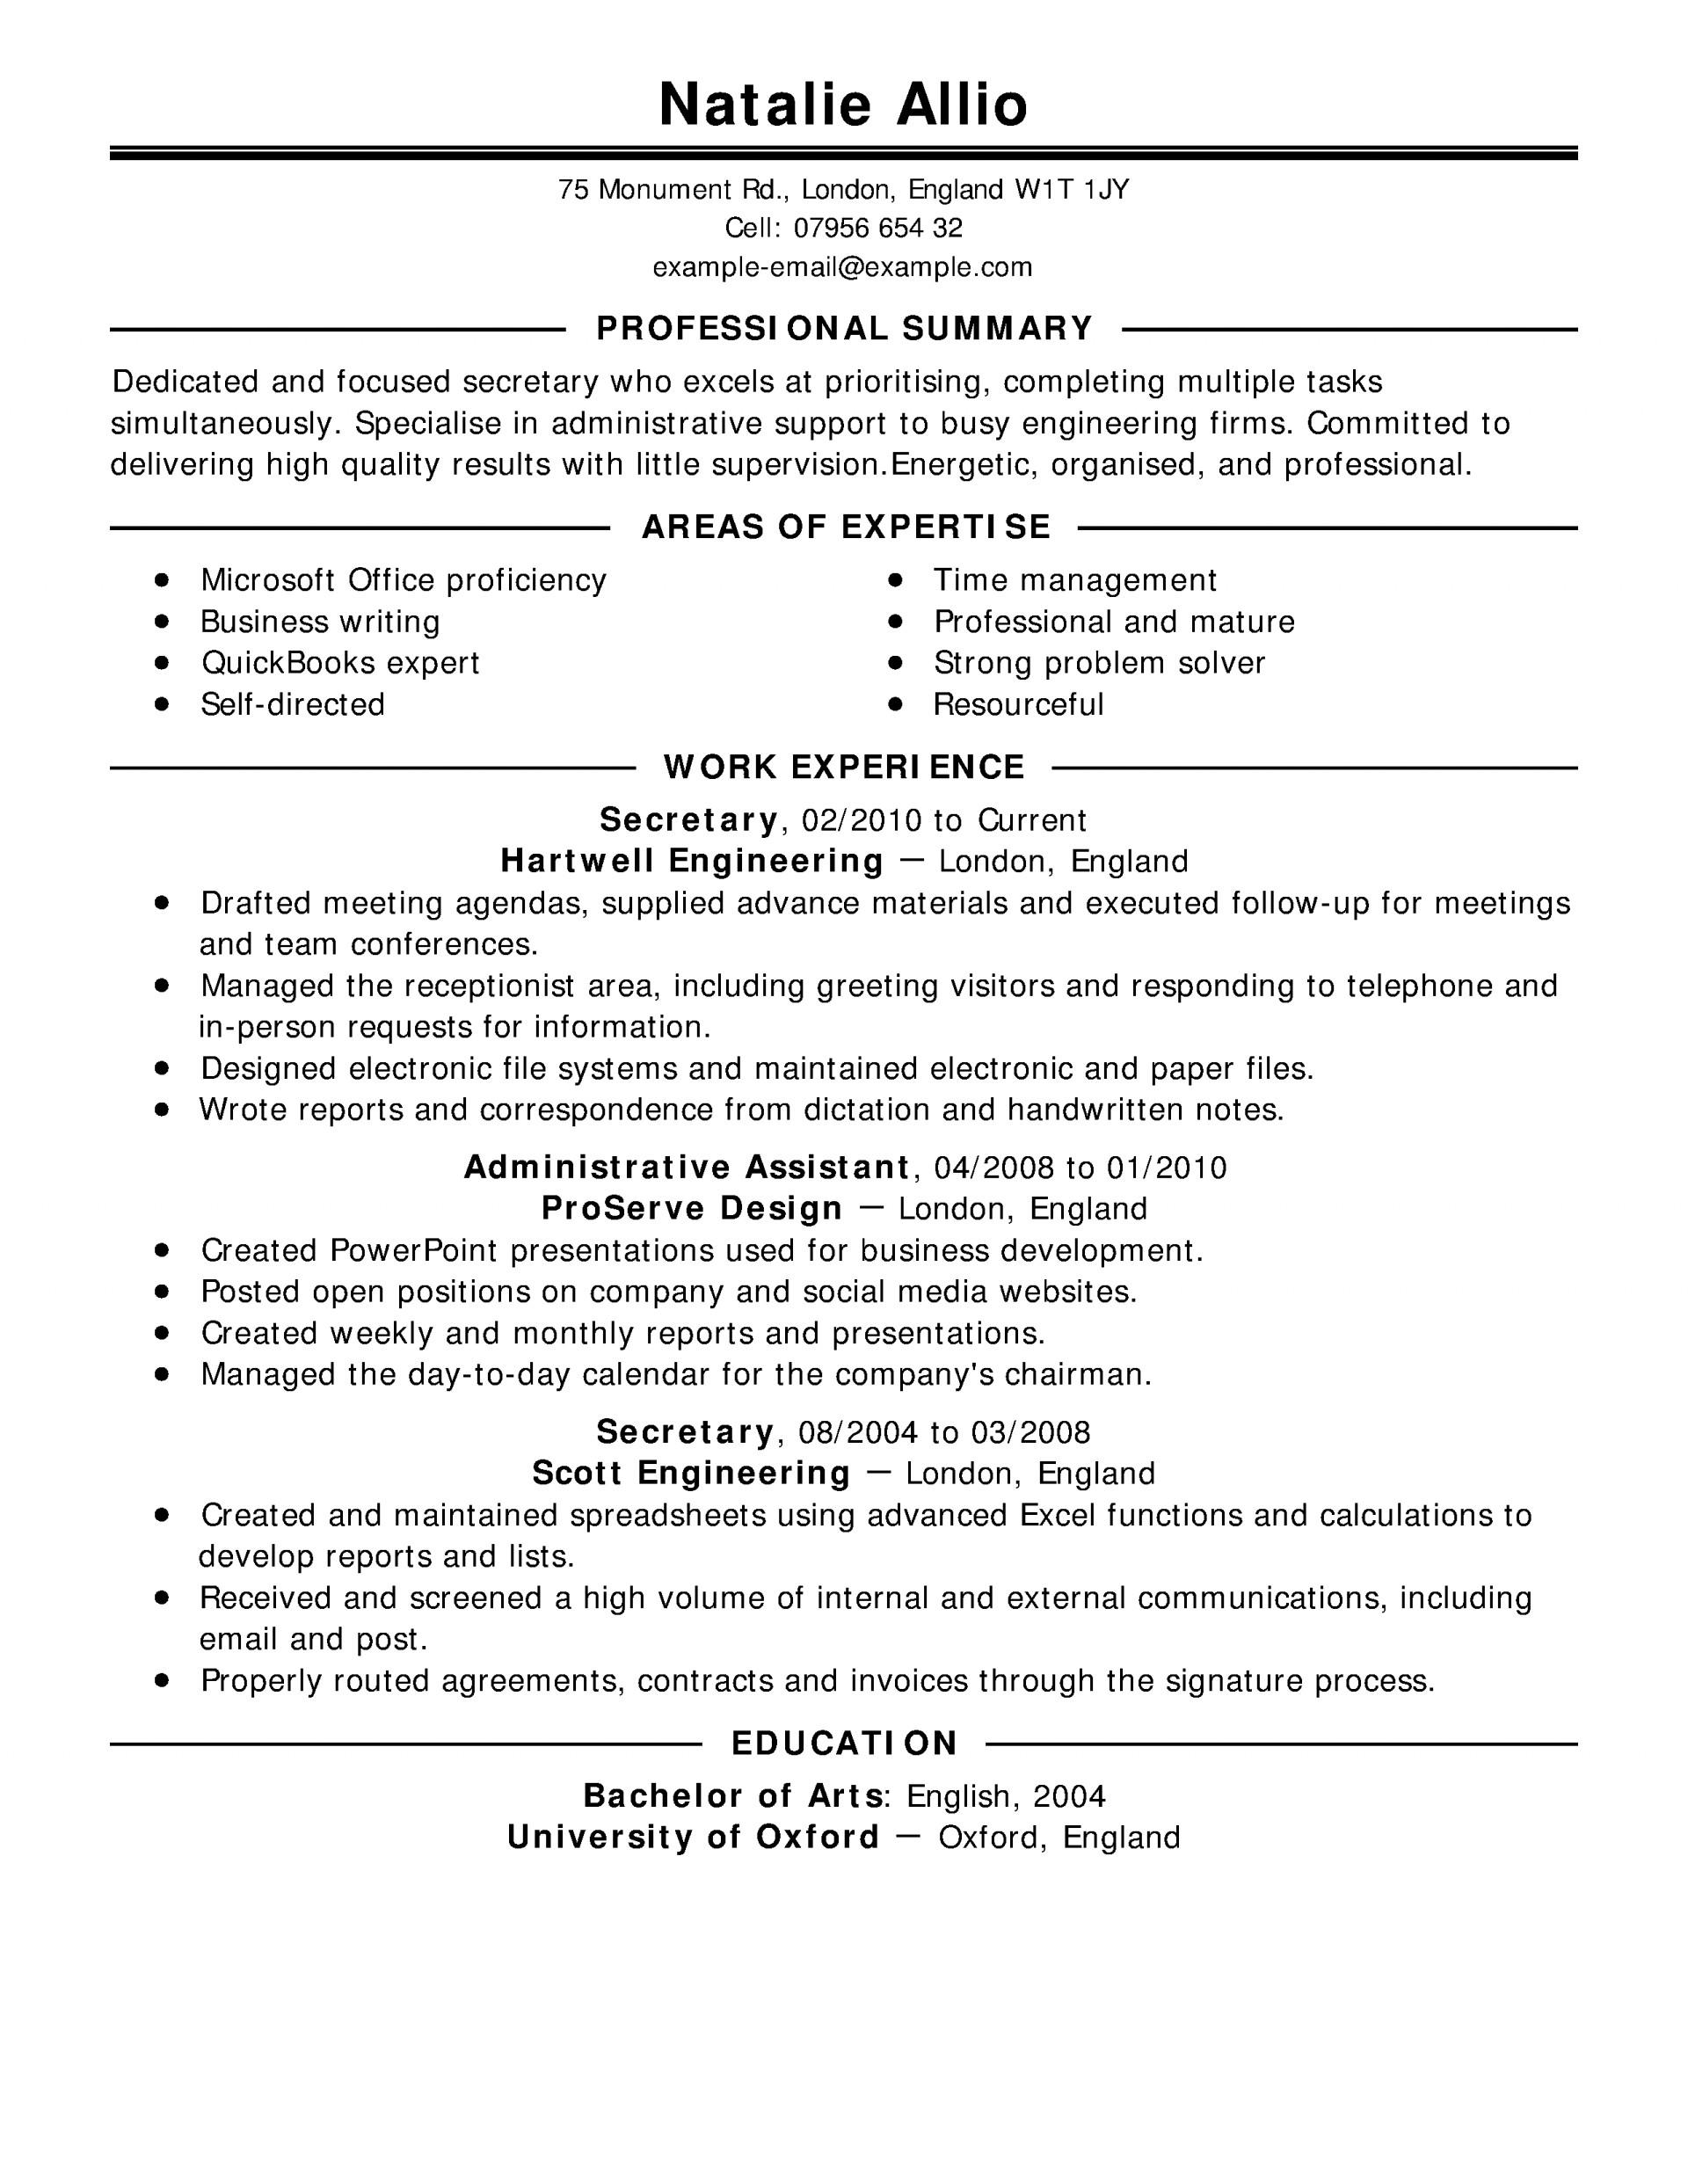 018 Philosophy Of Nursing Essay Example Secretary Resume Classic Fantastic College 1920